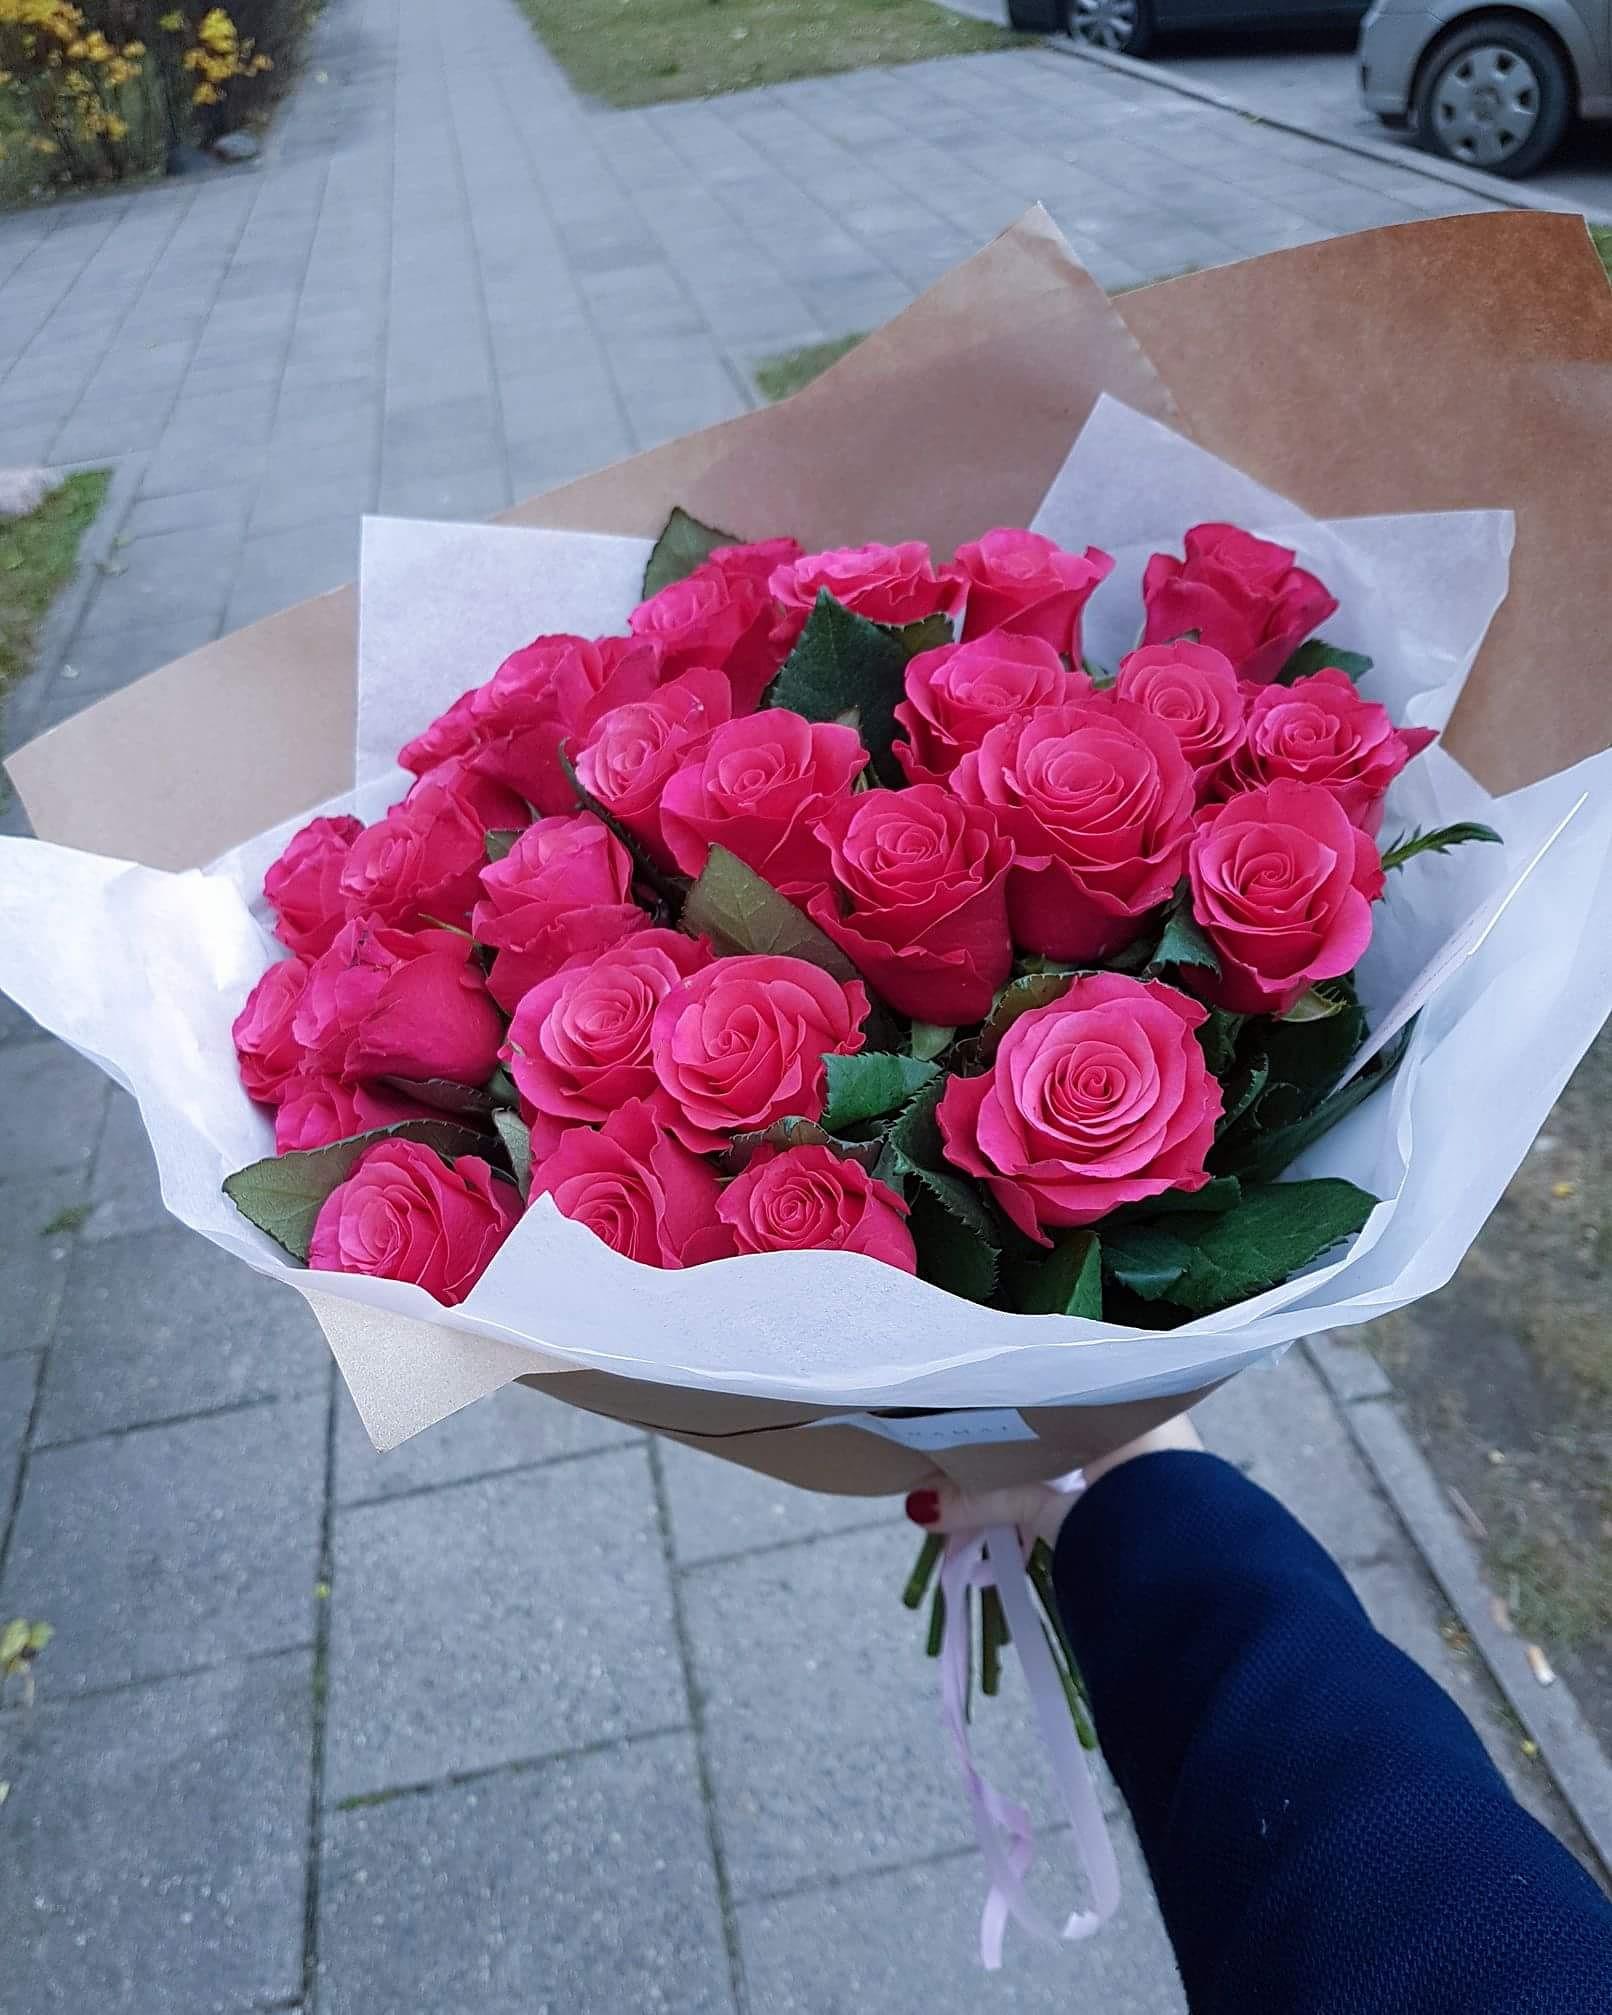 Sodriai rožinių rožių puokštė / 25vnt.